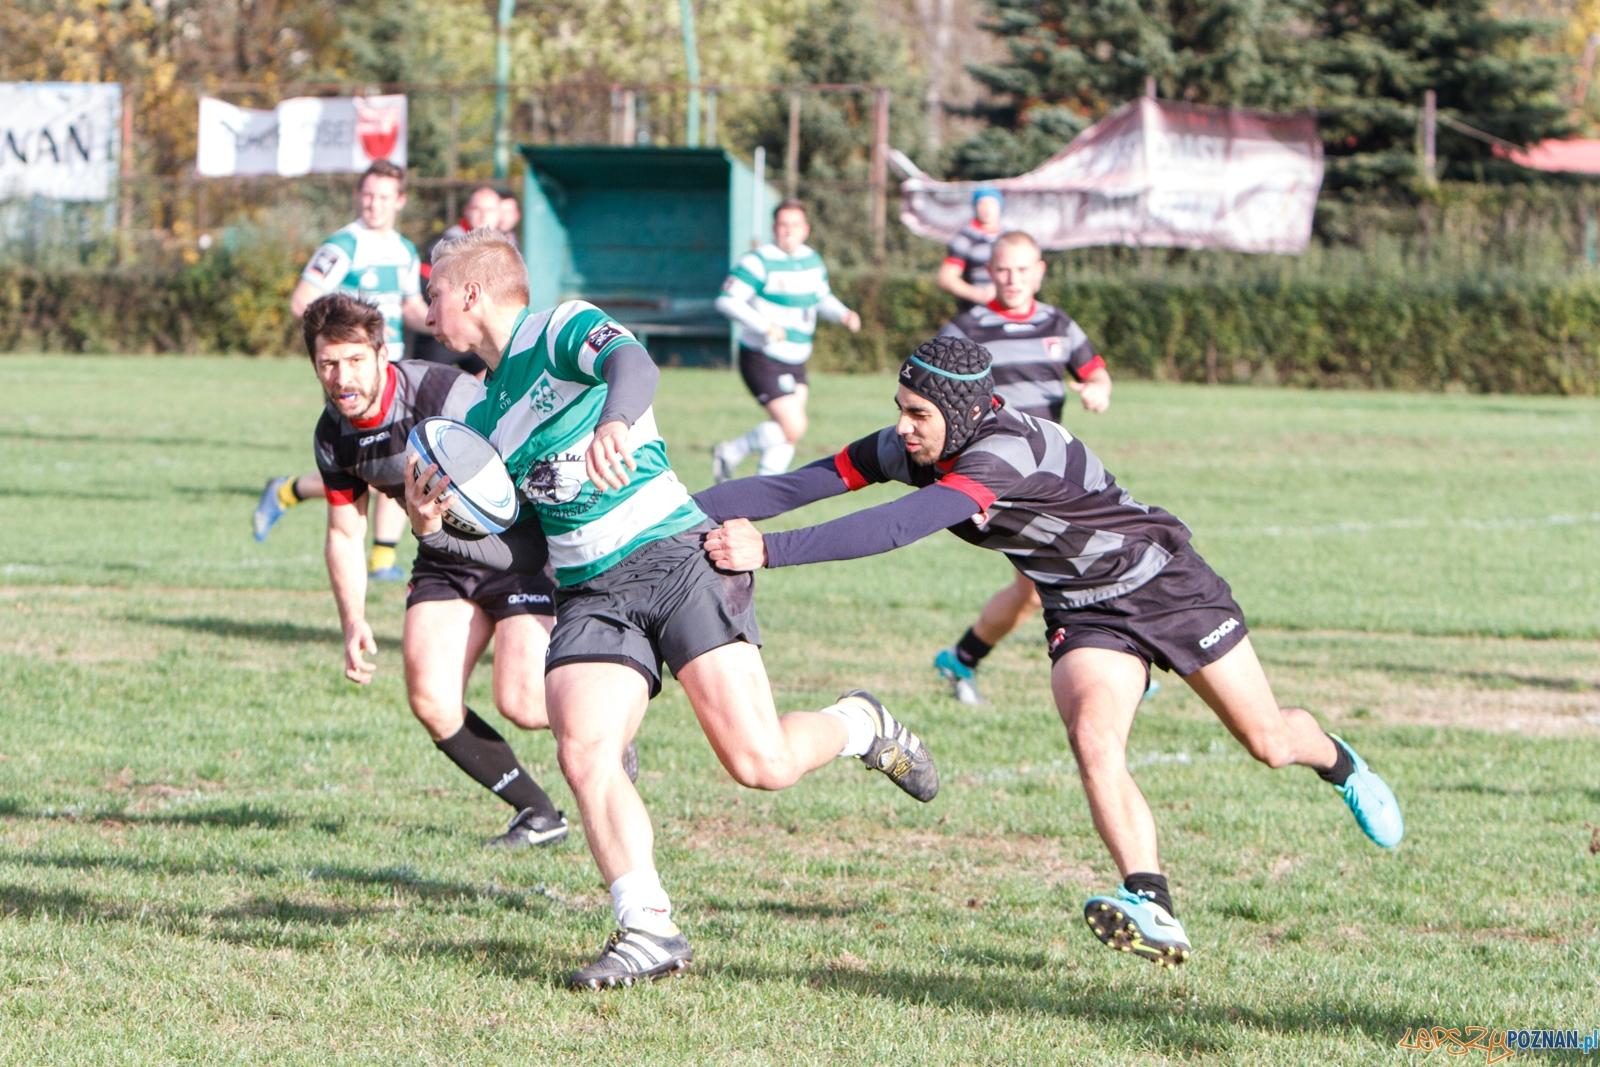 KS Posnania Poznan - AZS AWF Warszawa - II liga rugby - Poznań  Foto: LepszyPOZNAN.pl / Paweł Rychter